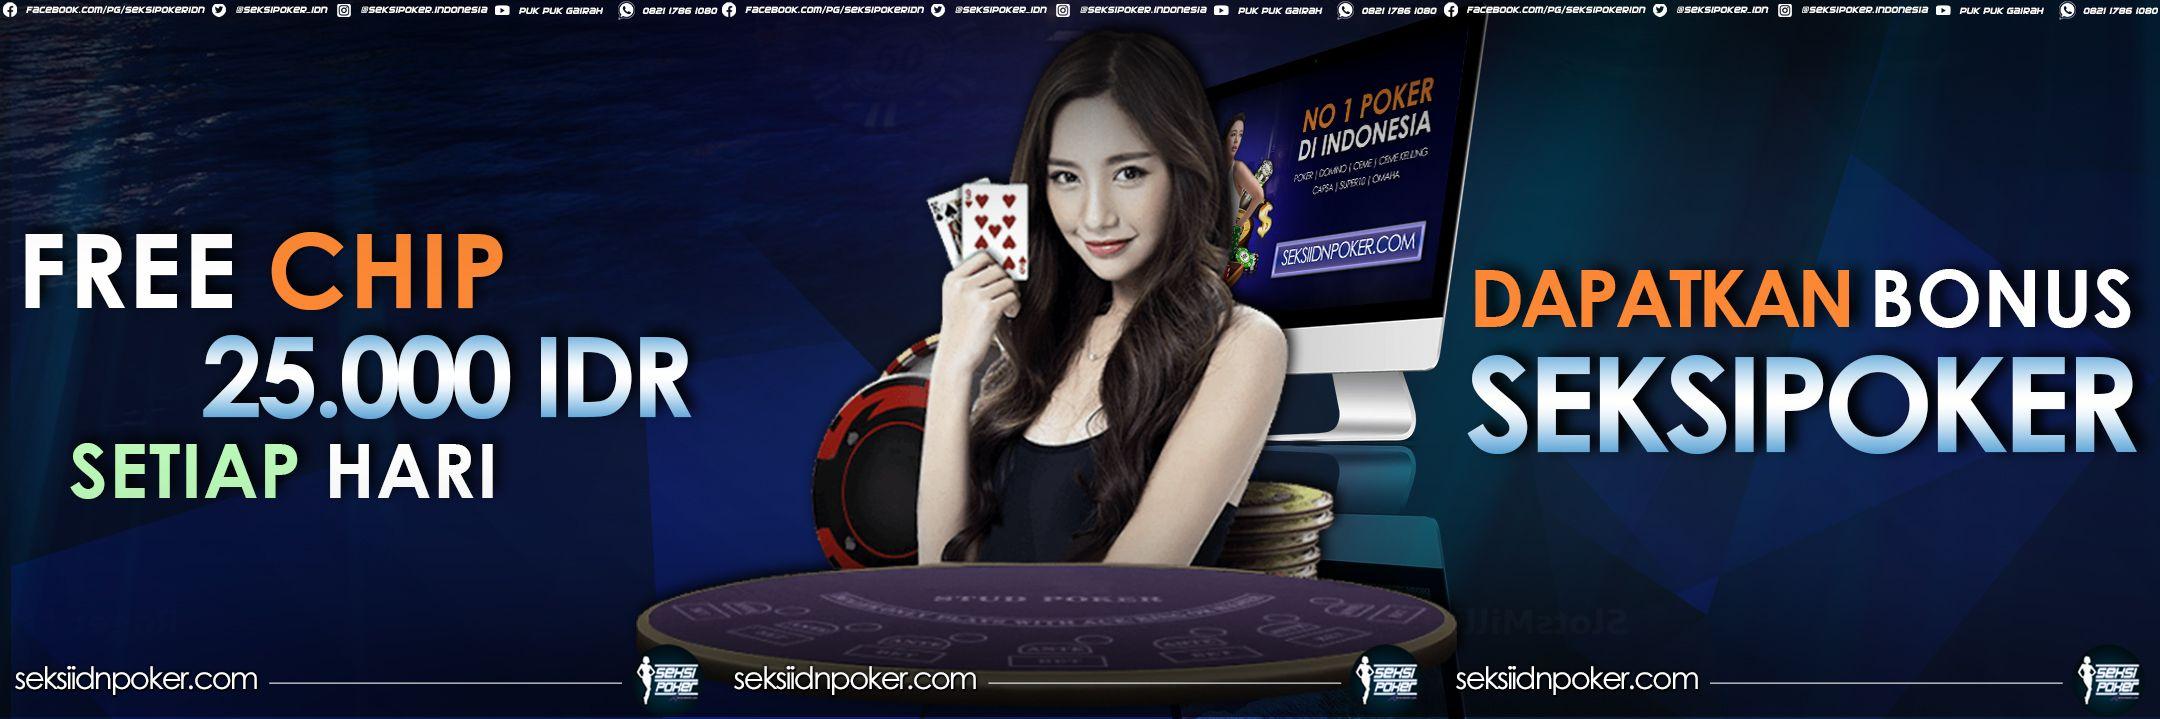 Banner Seksipoker di 2020 | Poker, Permainan kartu, Game